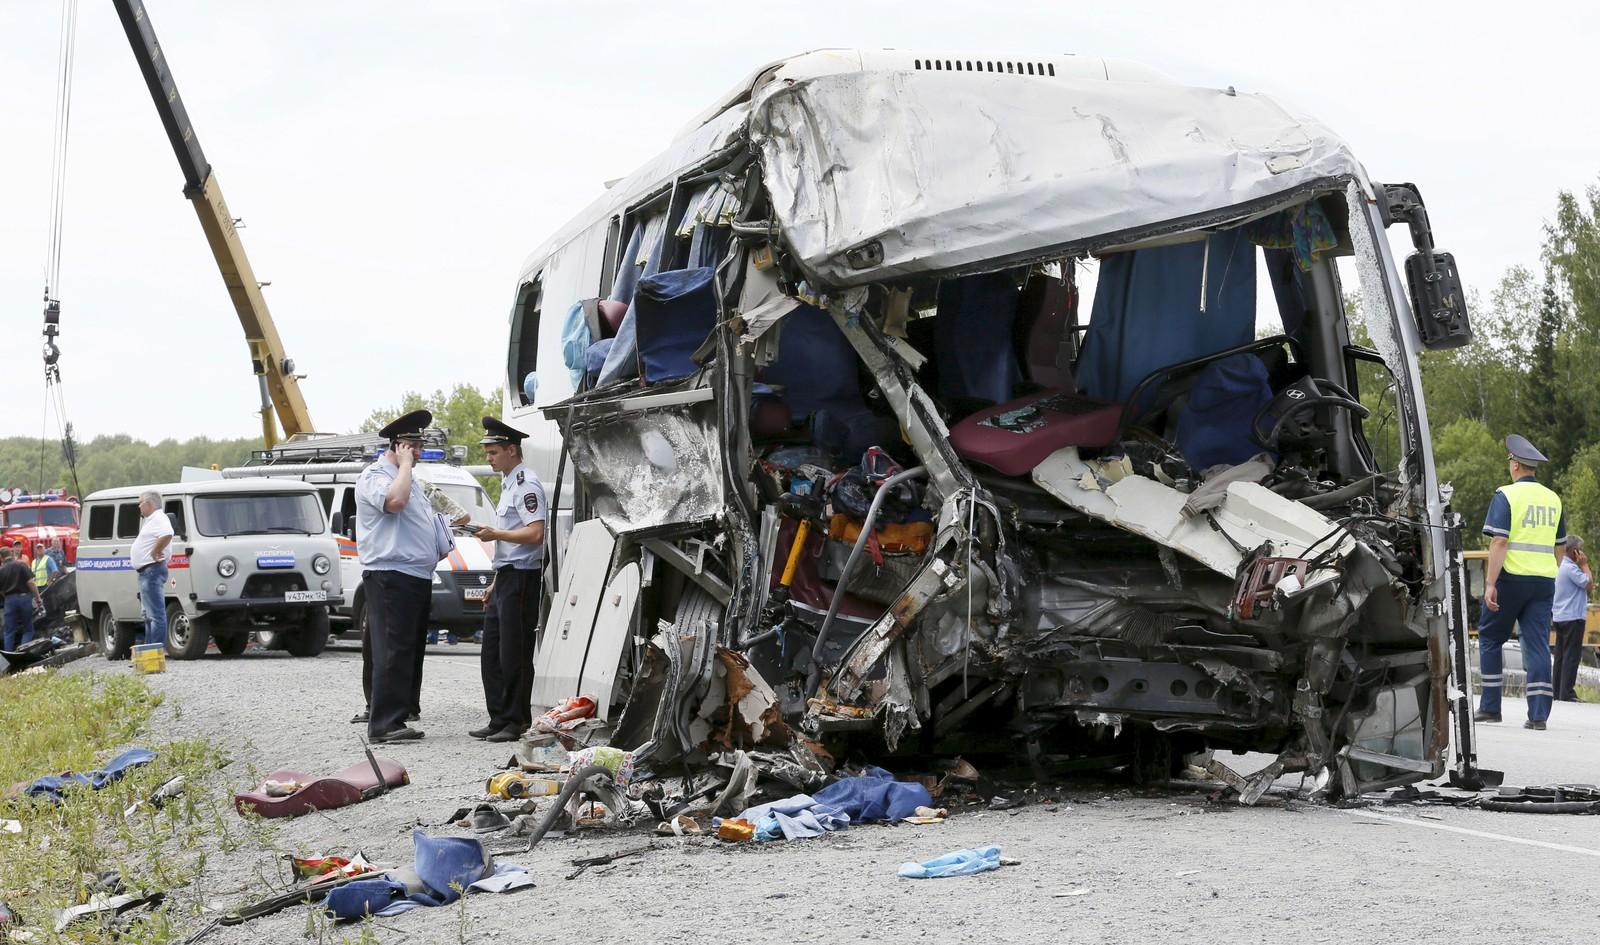 11 mennesker mistet livet og minst 28 ble skadd i denne fryktelige ulykken i Krasnoyarsk-regionen i Russland 22. juli. Bussen kolliderte med en lastebil på motorveien M53.